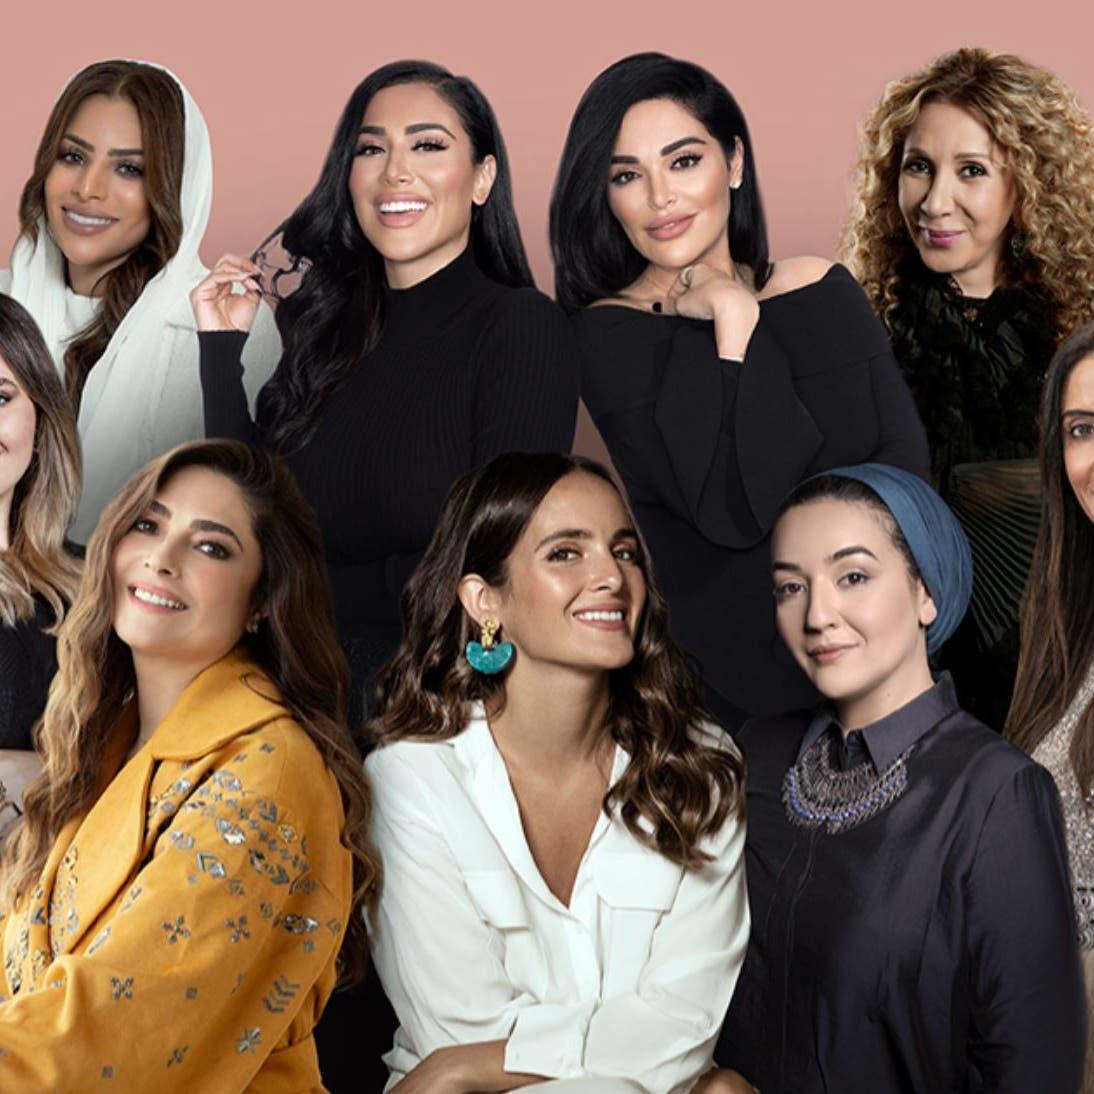 علامات تجارية من صنع نساء الشرق الأوسط.. قائمة بأهم الأسماء